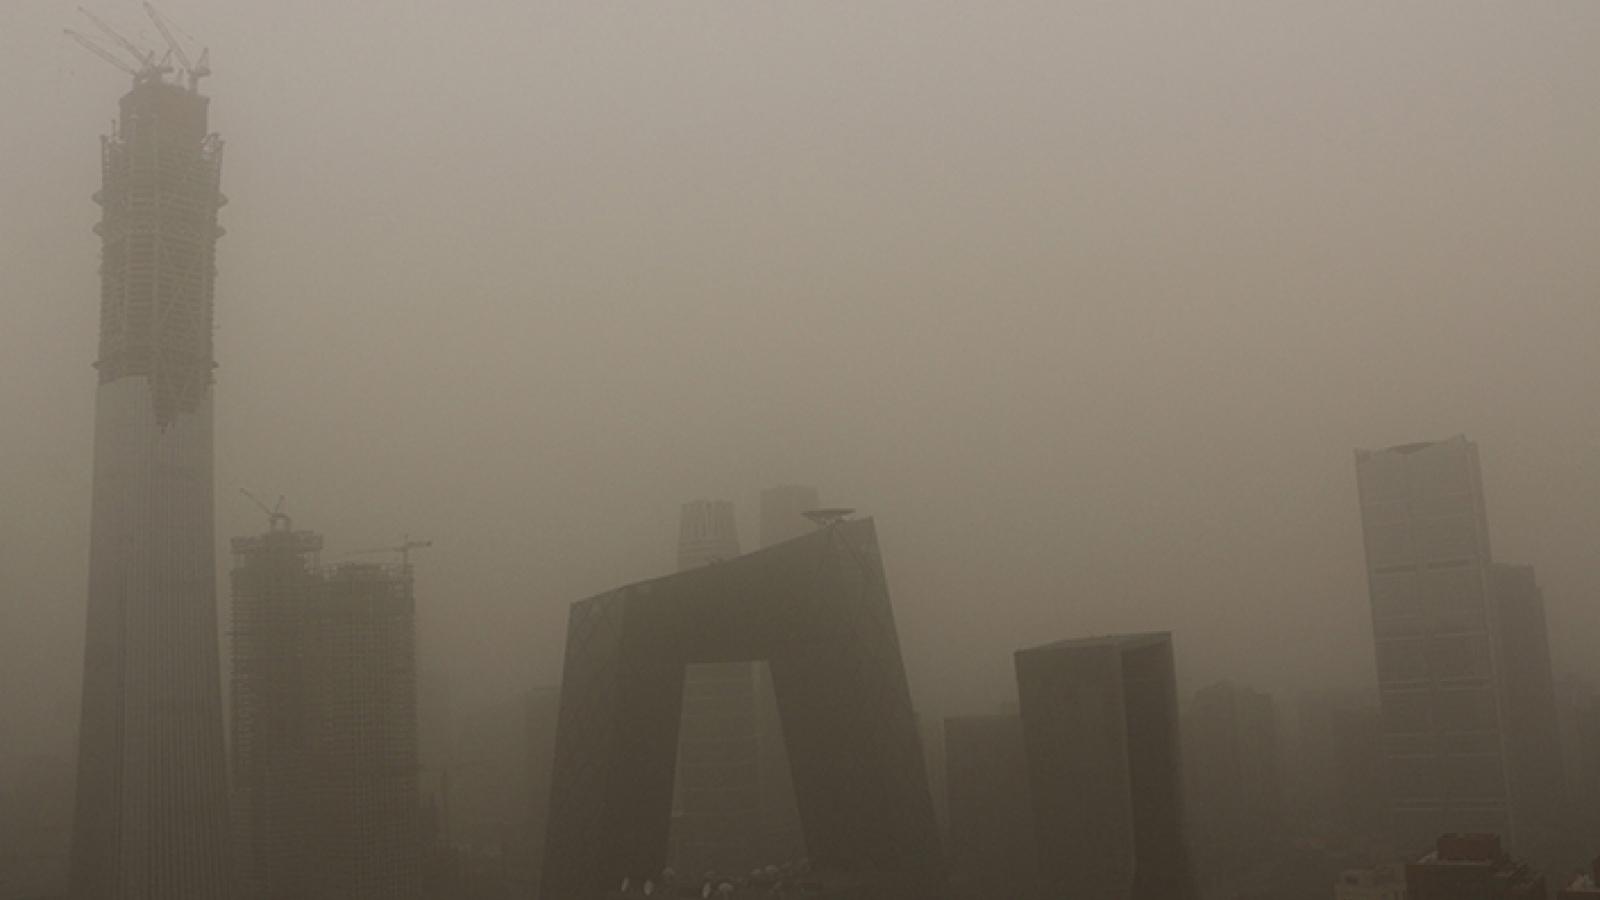 Trung Quốc lại hứng chịu bão cát nặng nề, ô nhiễm tăng, tầm nhìn giảm